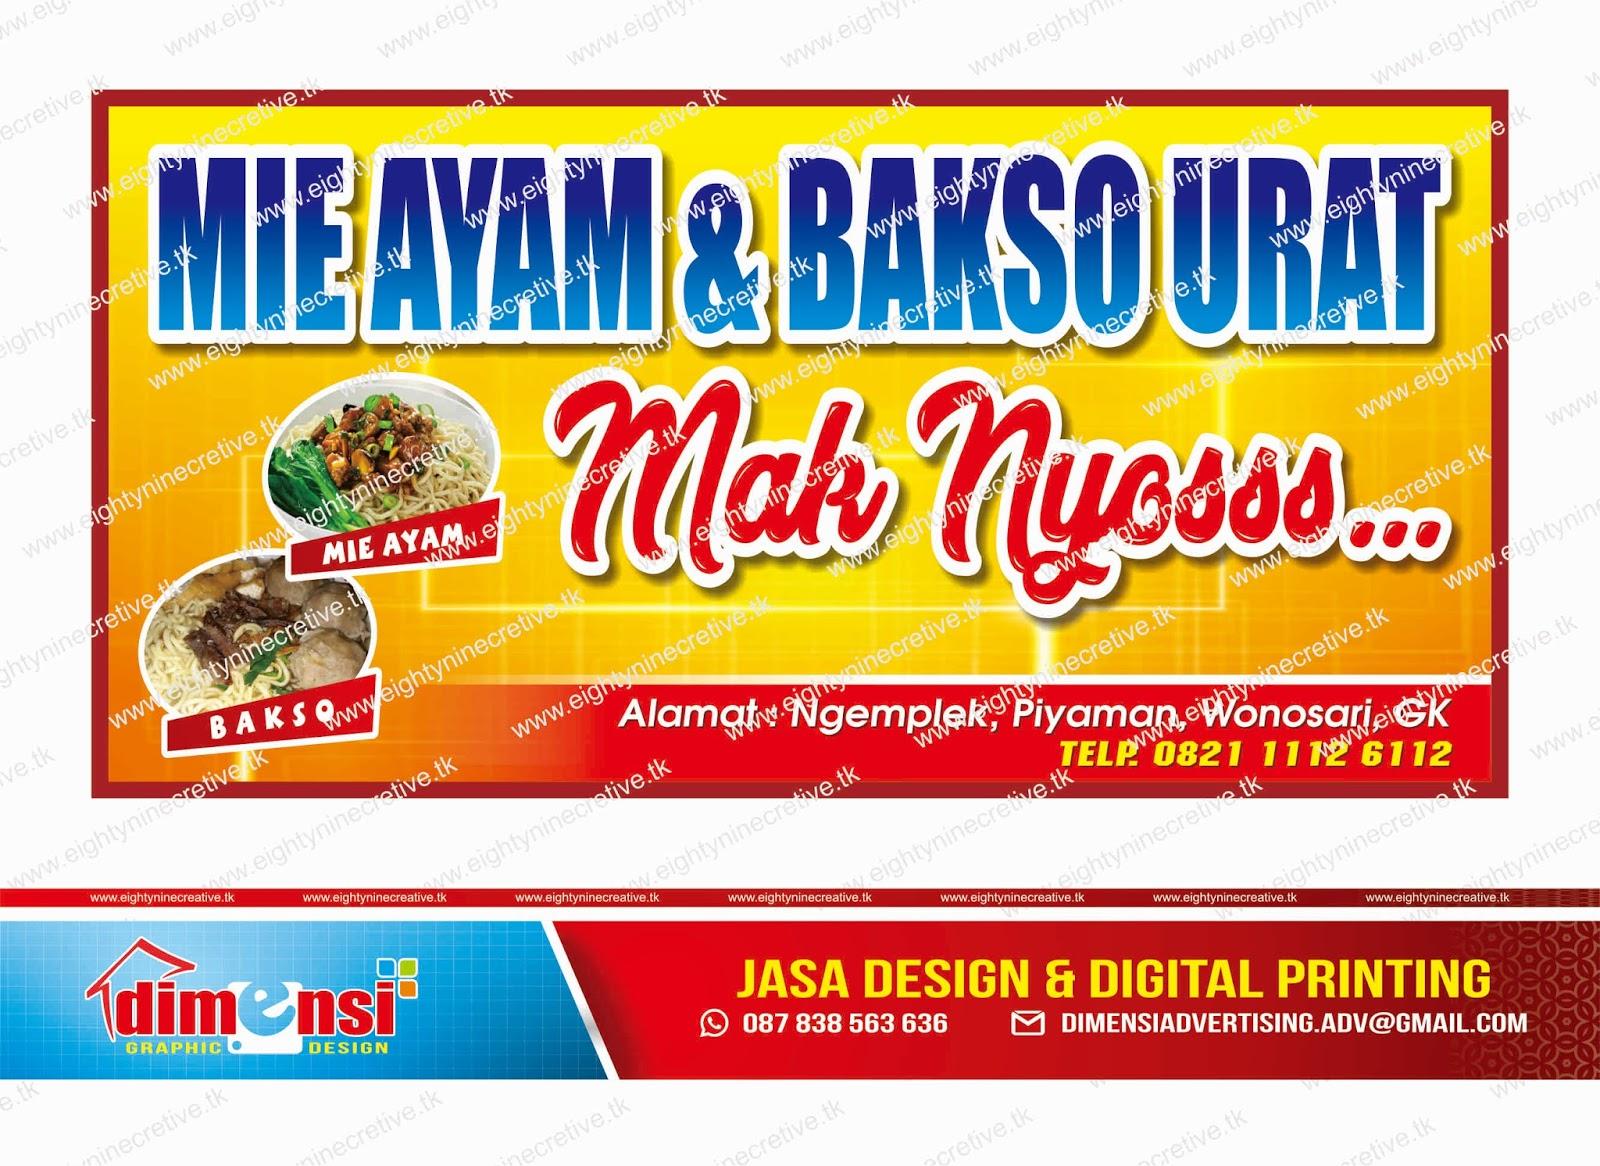 Download Contoh Spanduk Warung Mie Ayam dan Bakso ...